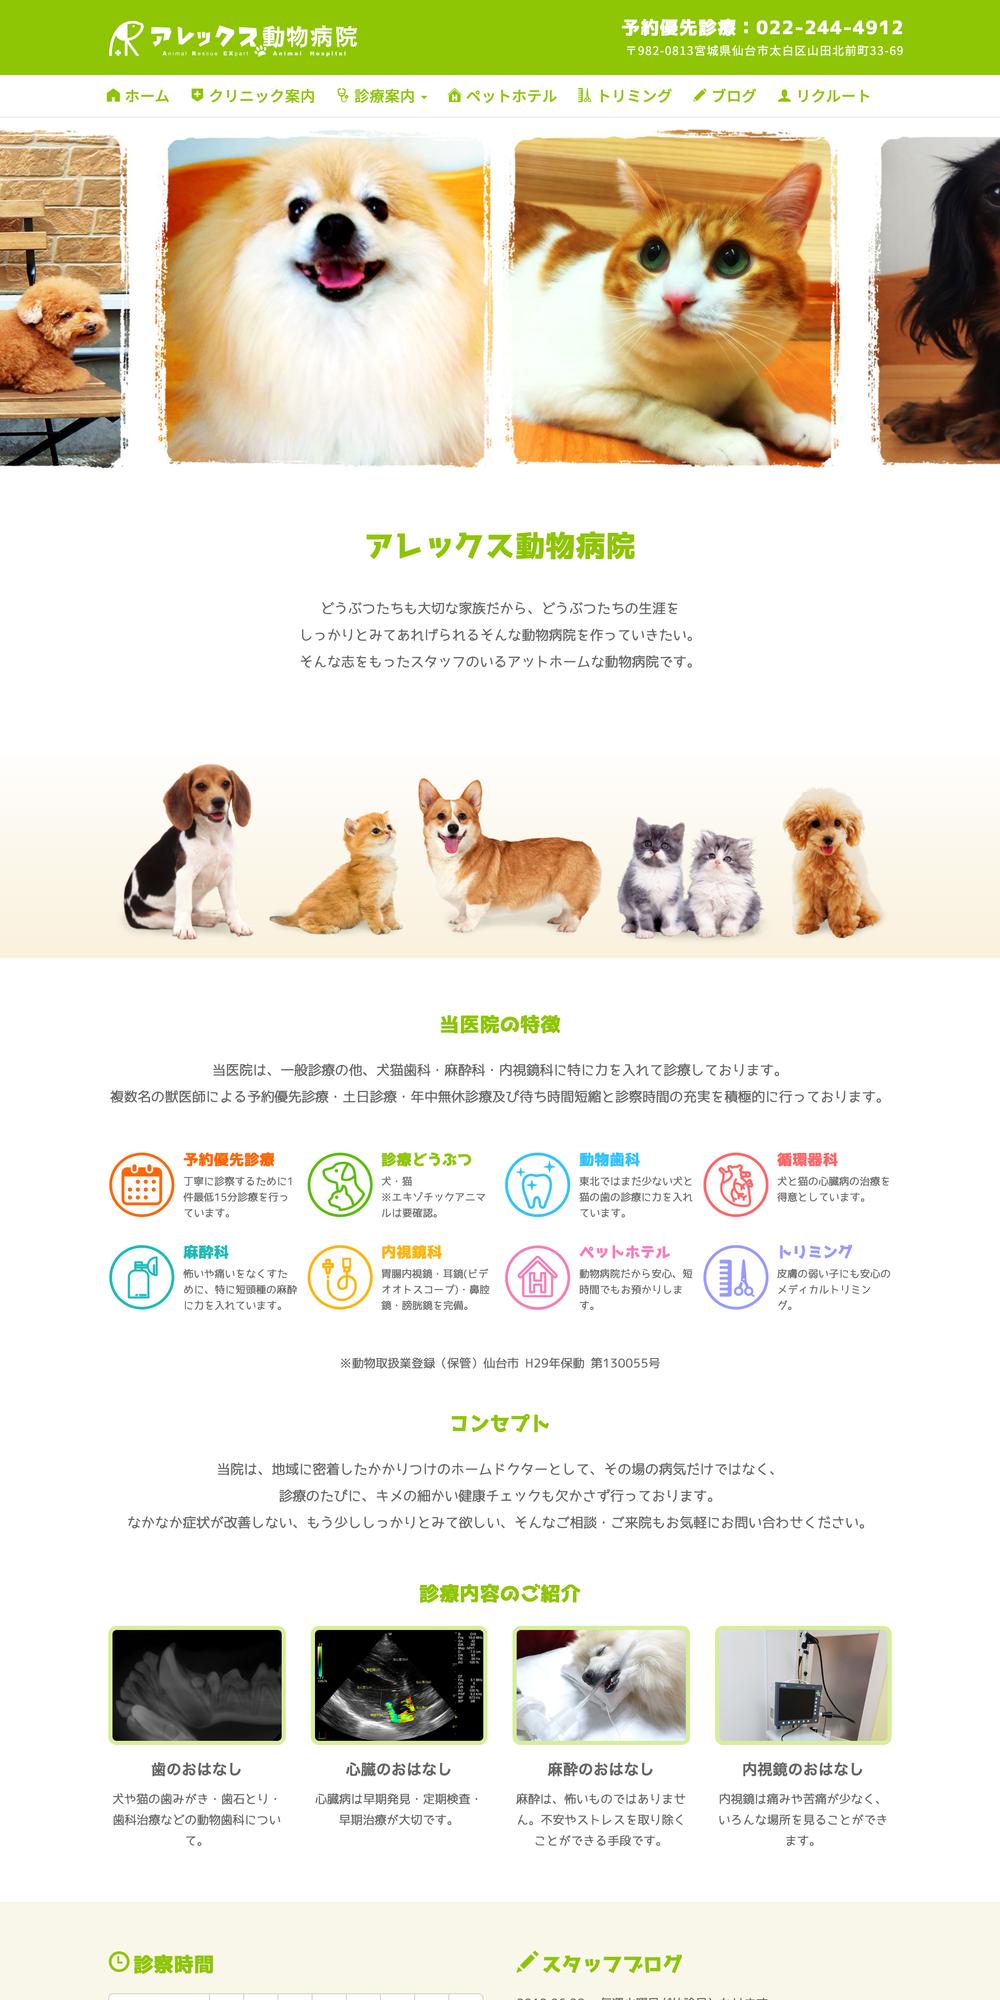 病院 クリニック おしゃれまとめの人気アイデア Pinterest Taro Sanko ペット保険 病院 パート 募集